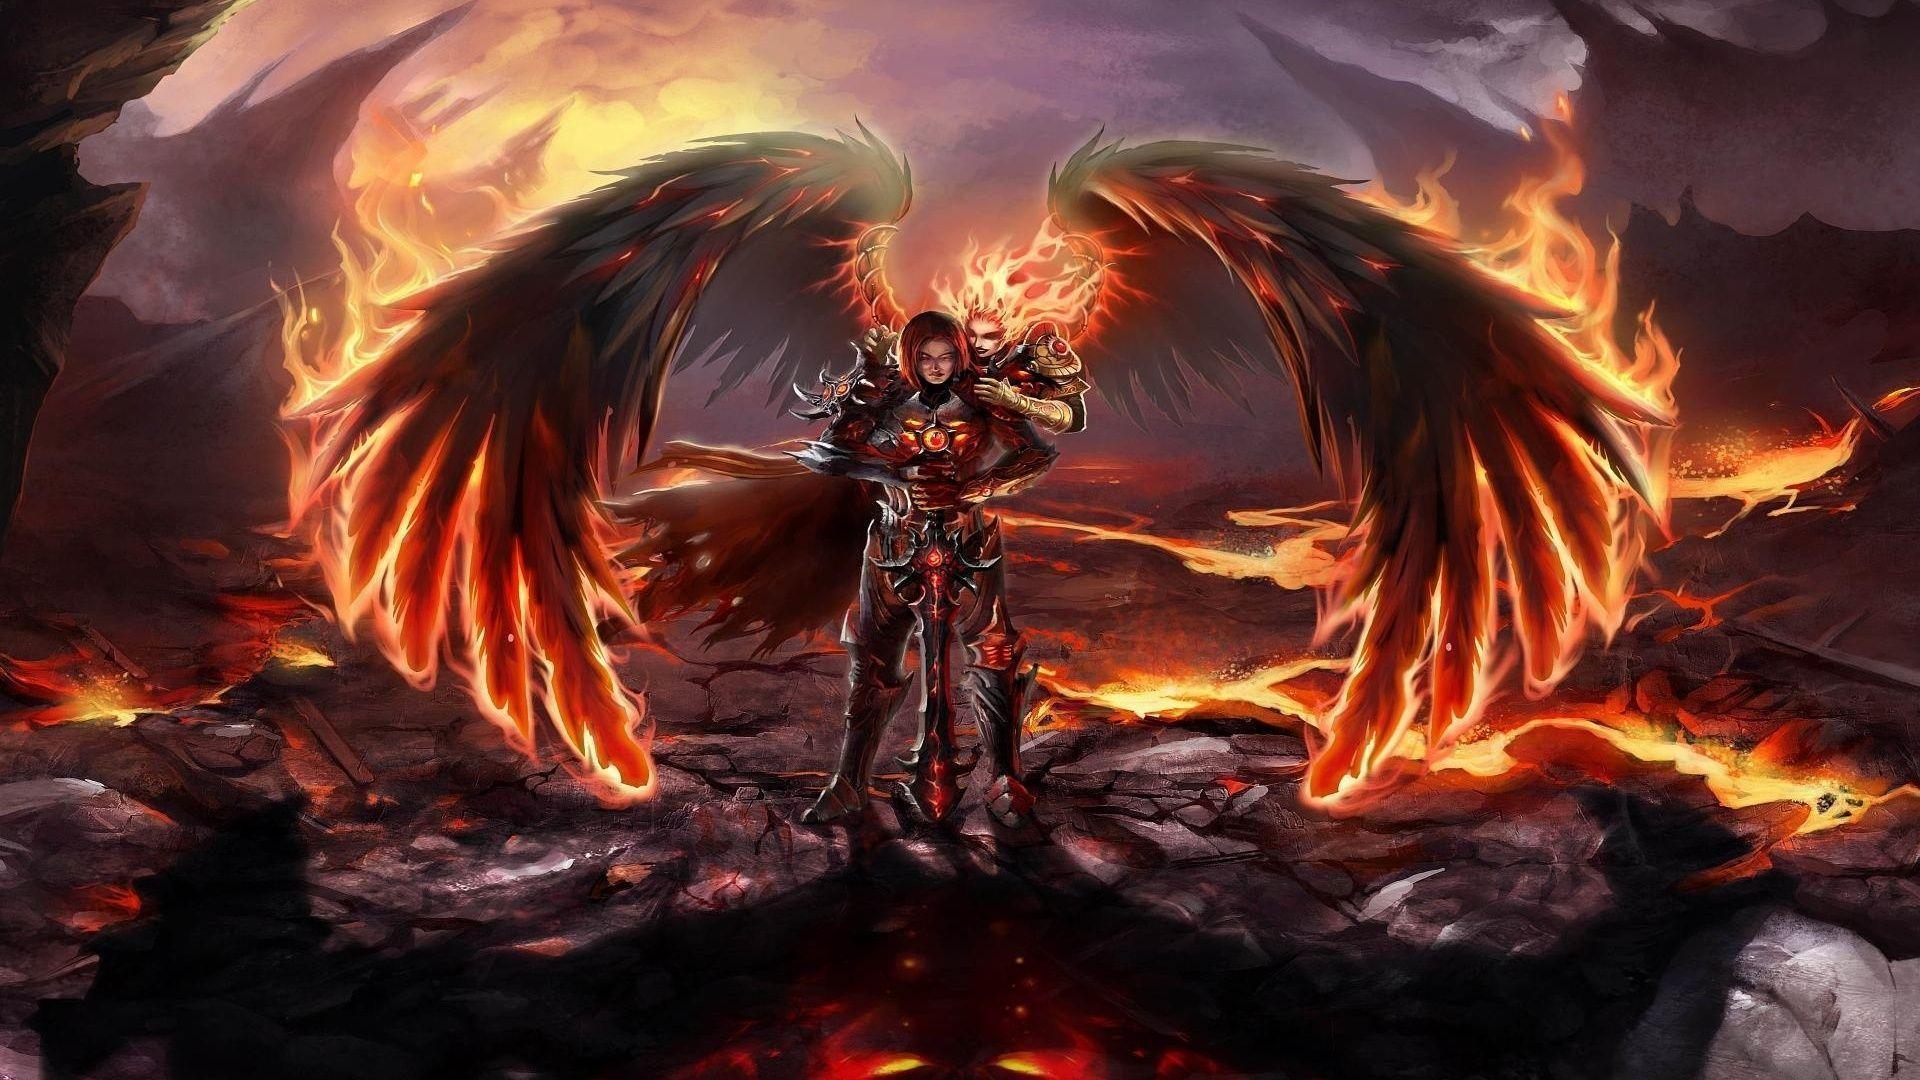 Dark Angel Backgrounds - Wallpaper Cave